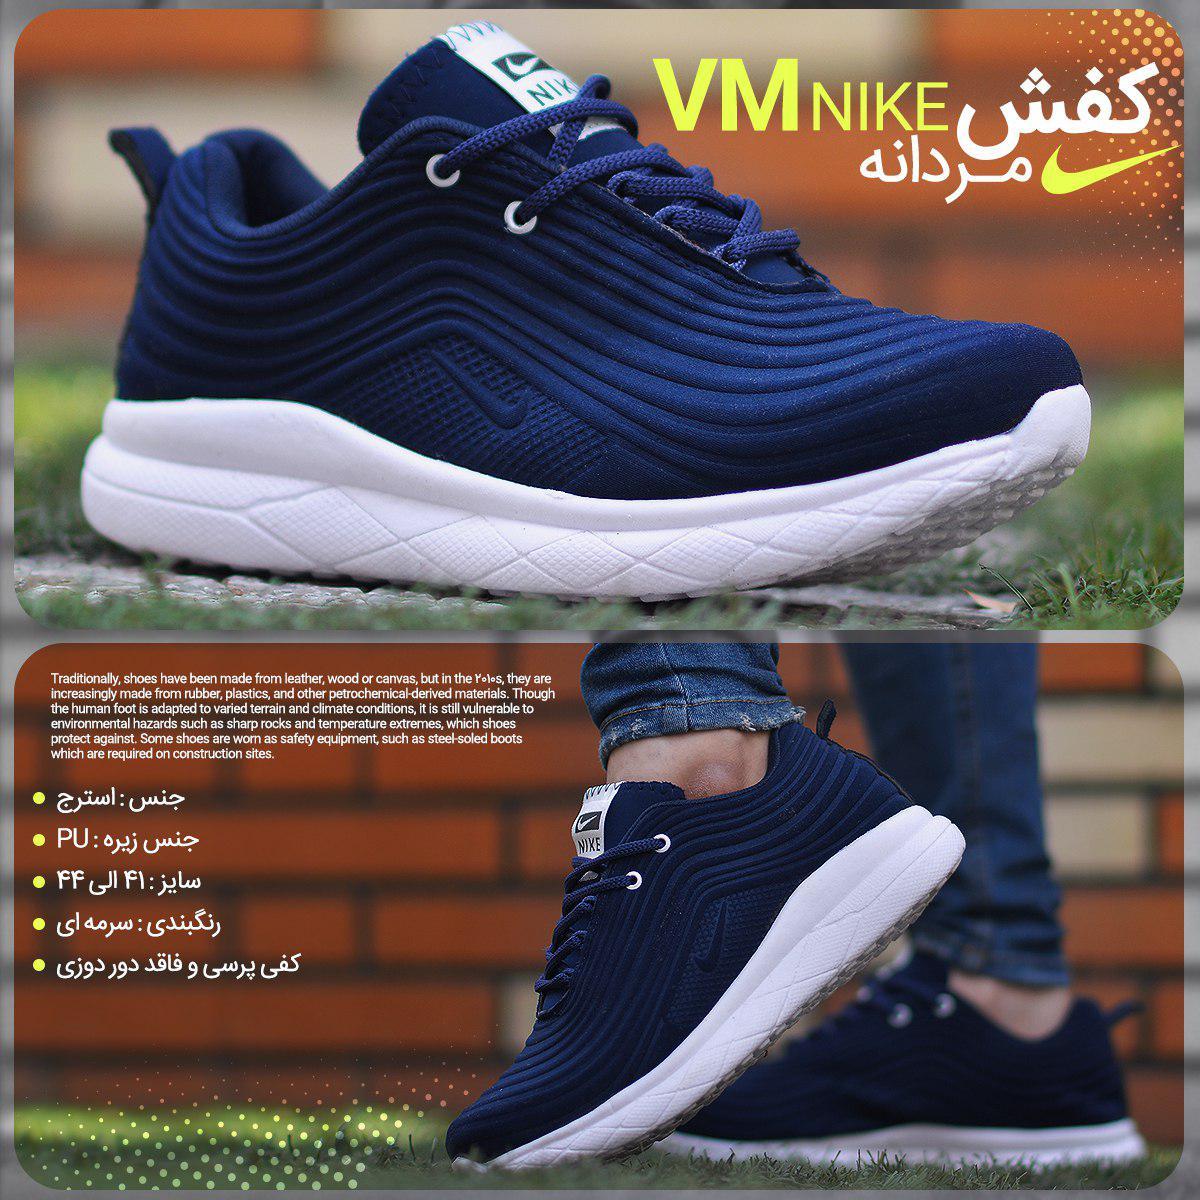 کفش مردانه VM NIKE نایک